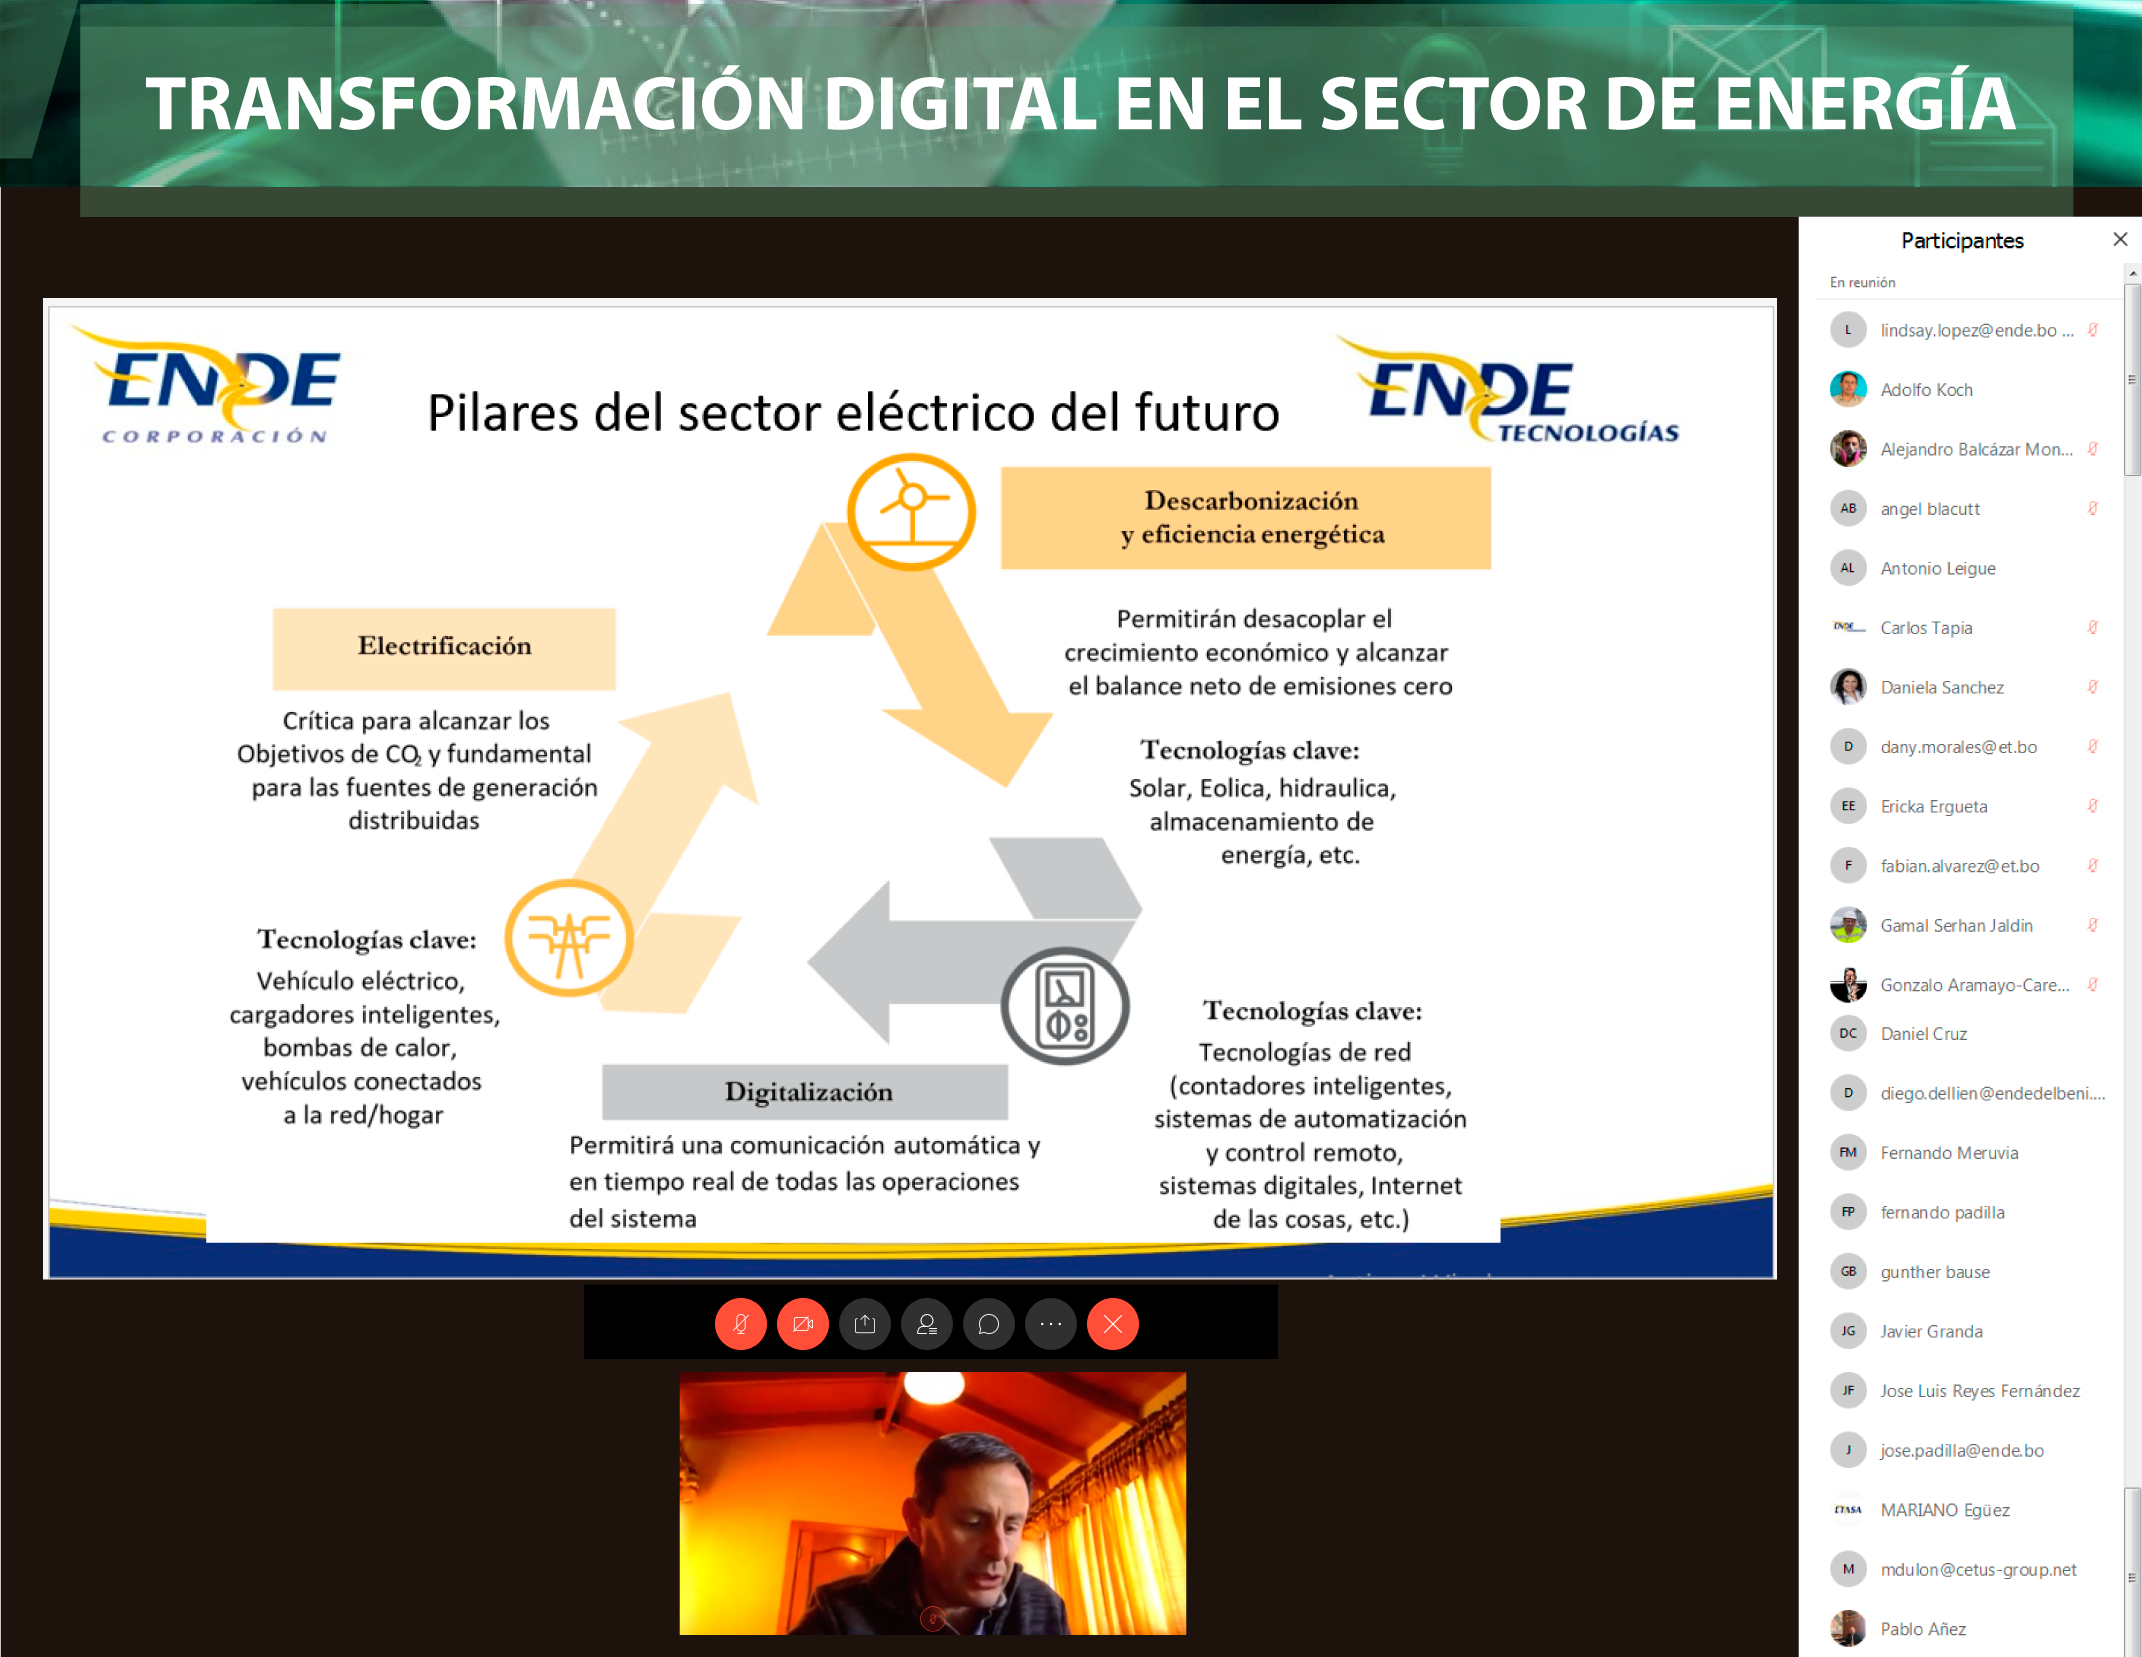 La digitalización, una oportunidad de transformación para el sector eléctrico